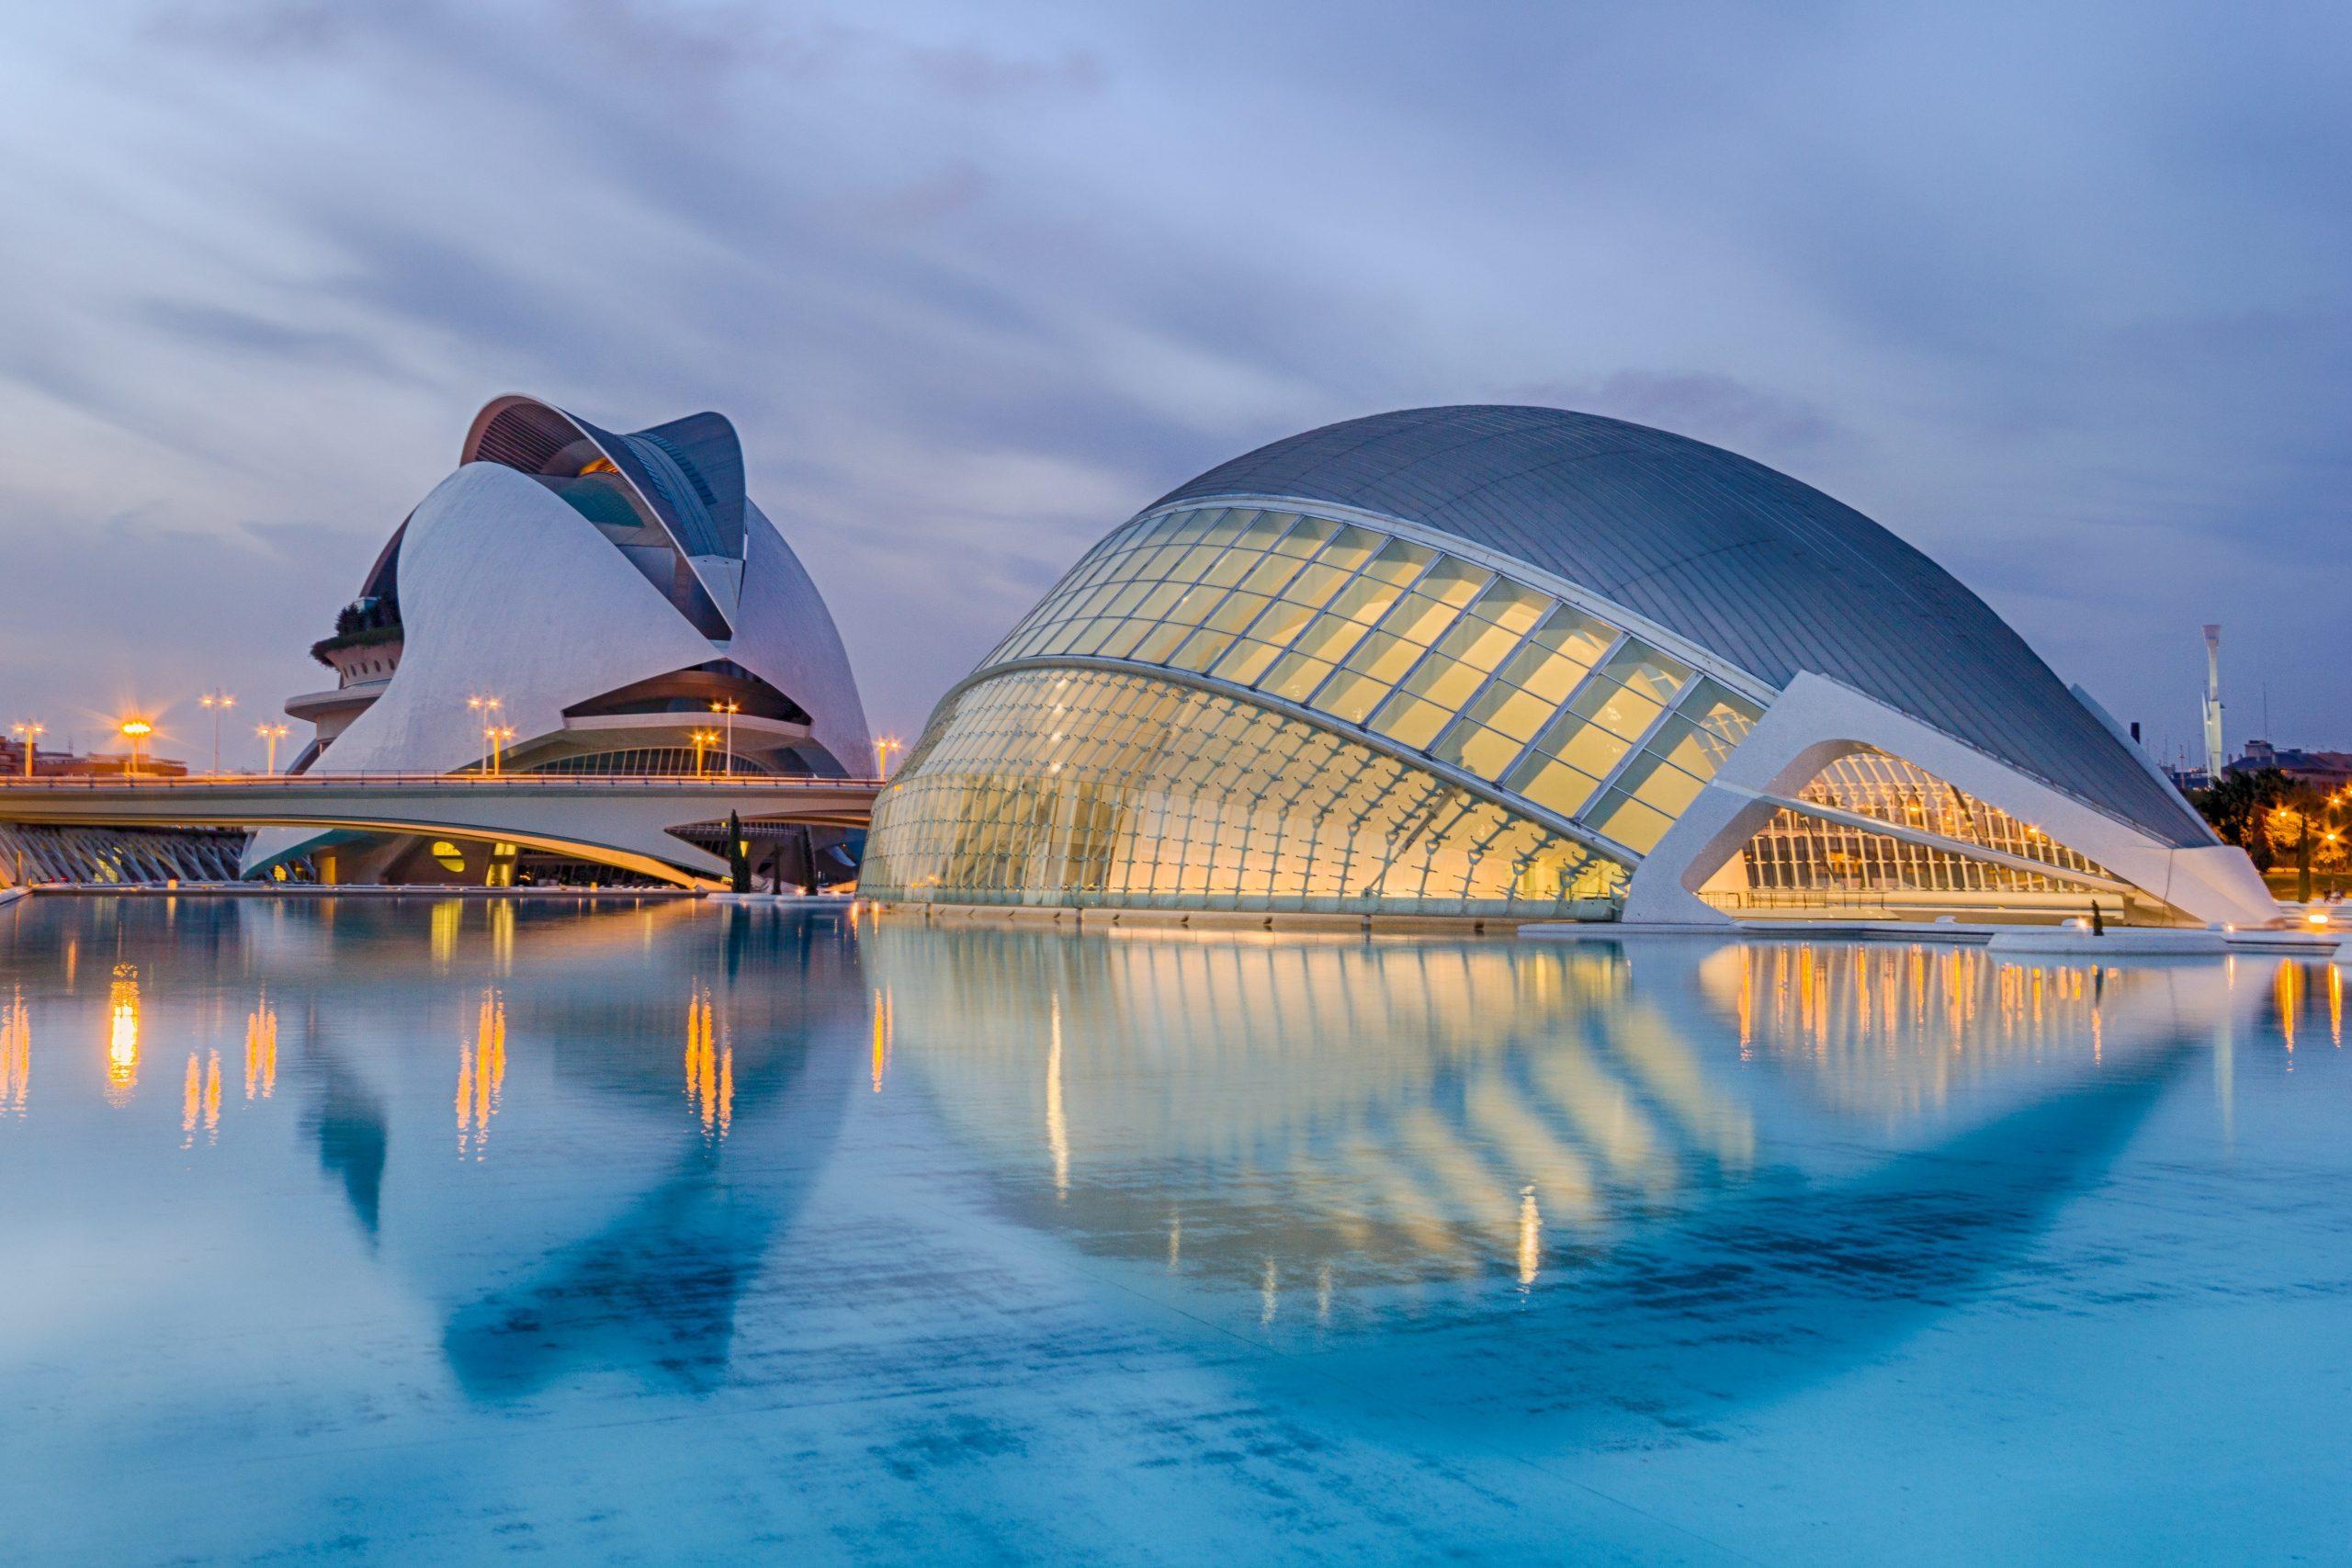 I migliori progetti di architettura da cui prendere ispirazione